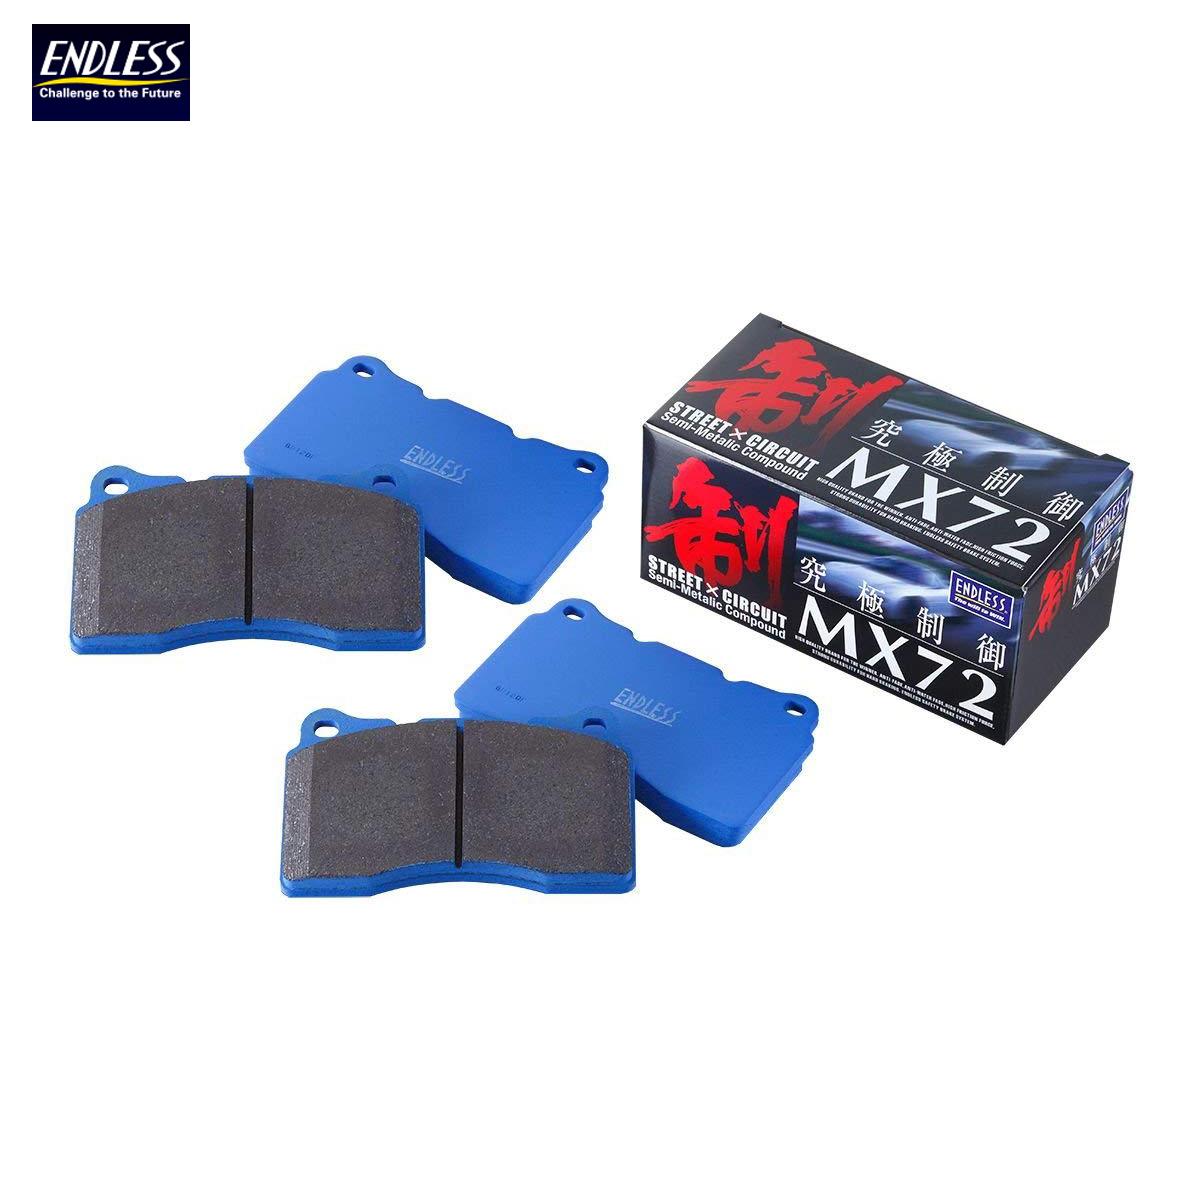 ENDLESS エンドレス ブレーキパッド MX72 リア EP397 ウィッシュ ANE10G 11W ZNE10G 14G 4輪ディスク